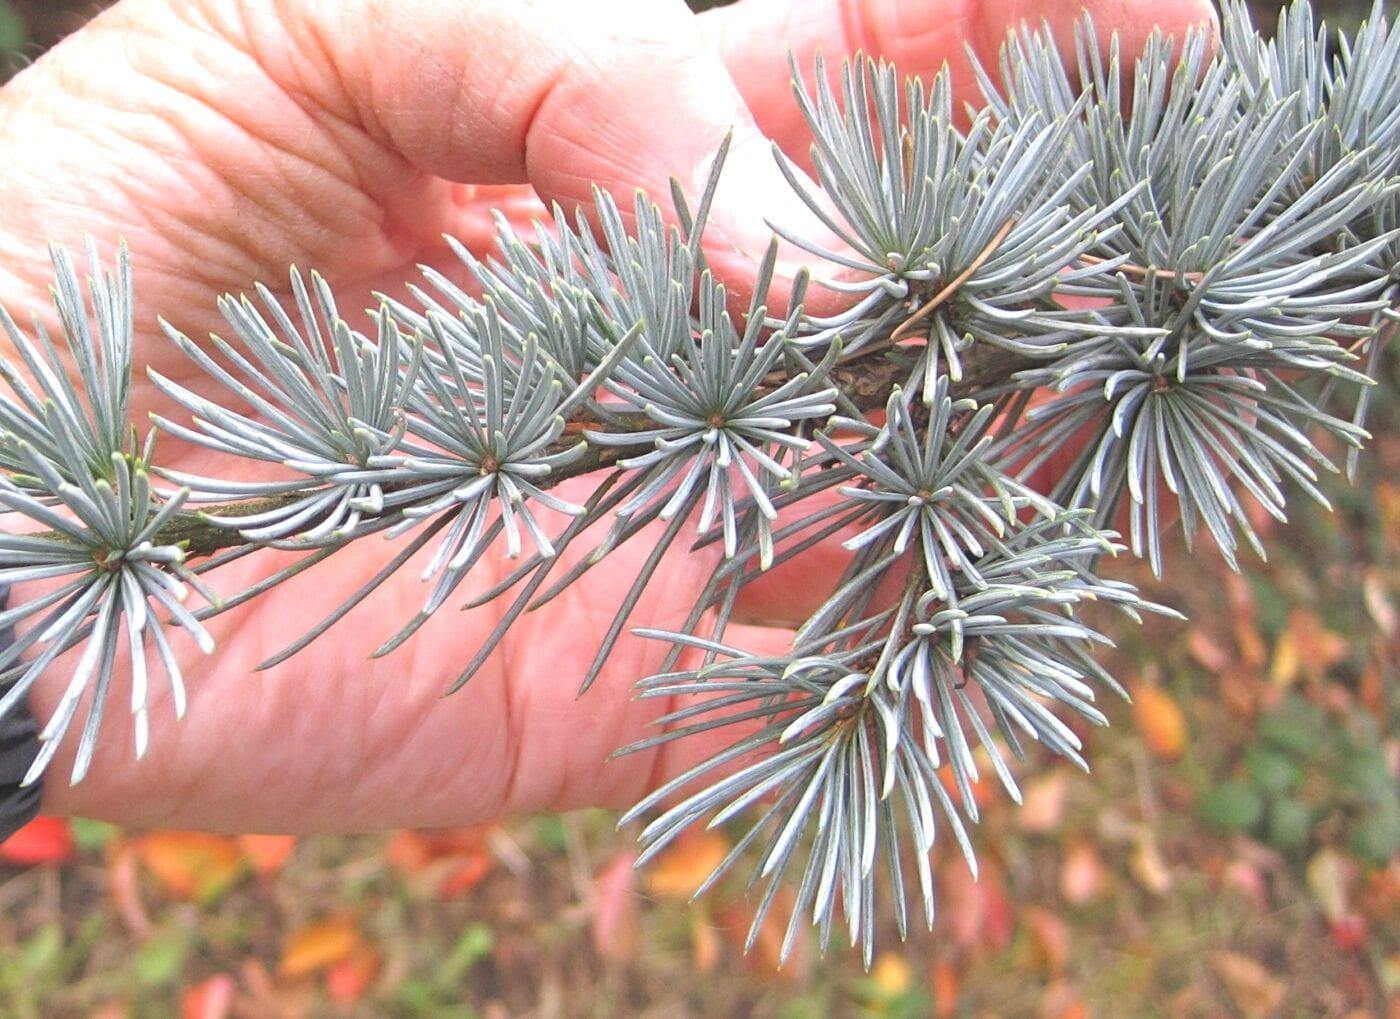 Atlas Cedar needle clusters